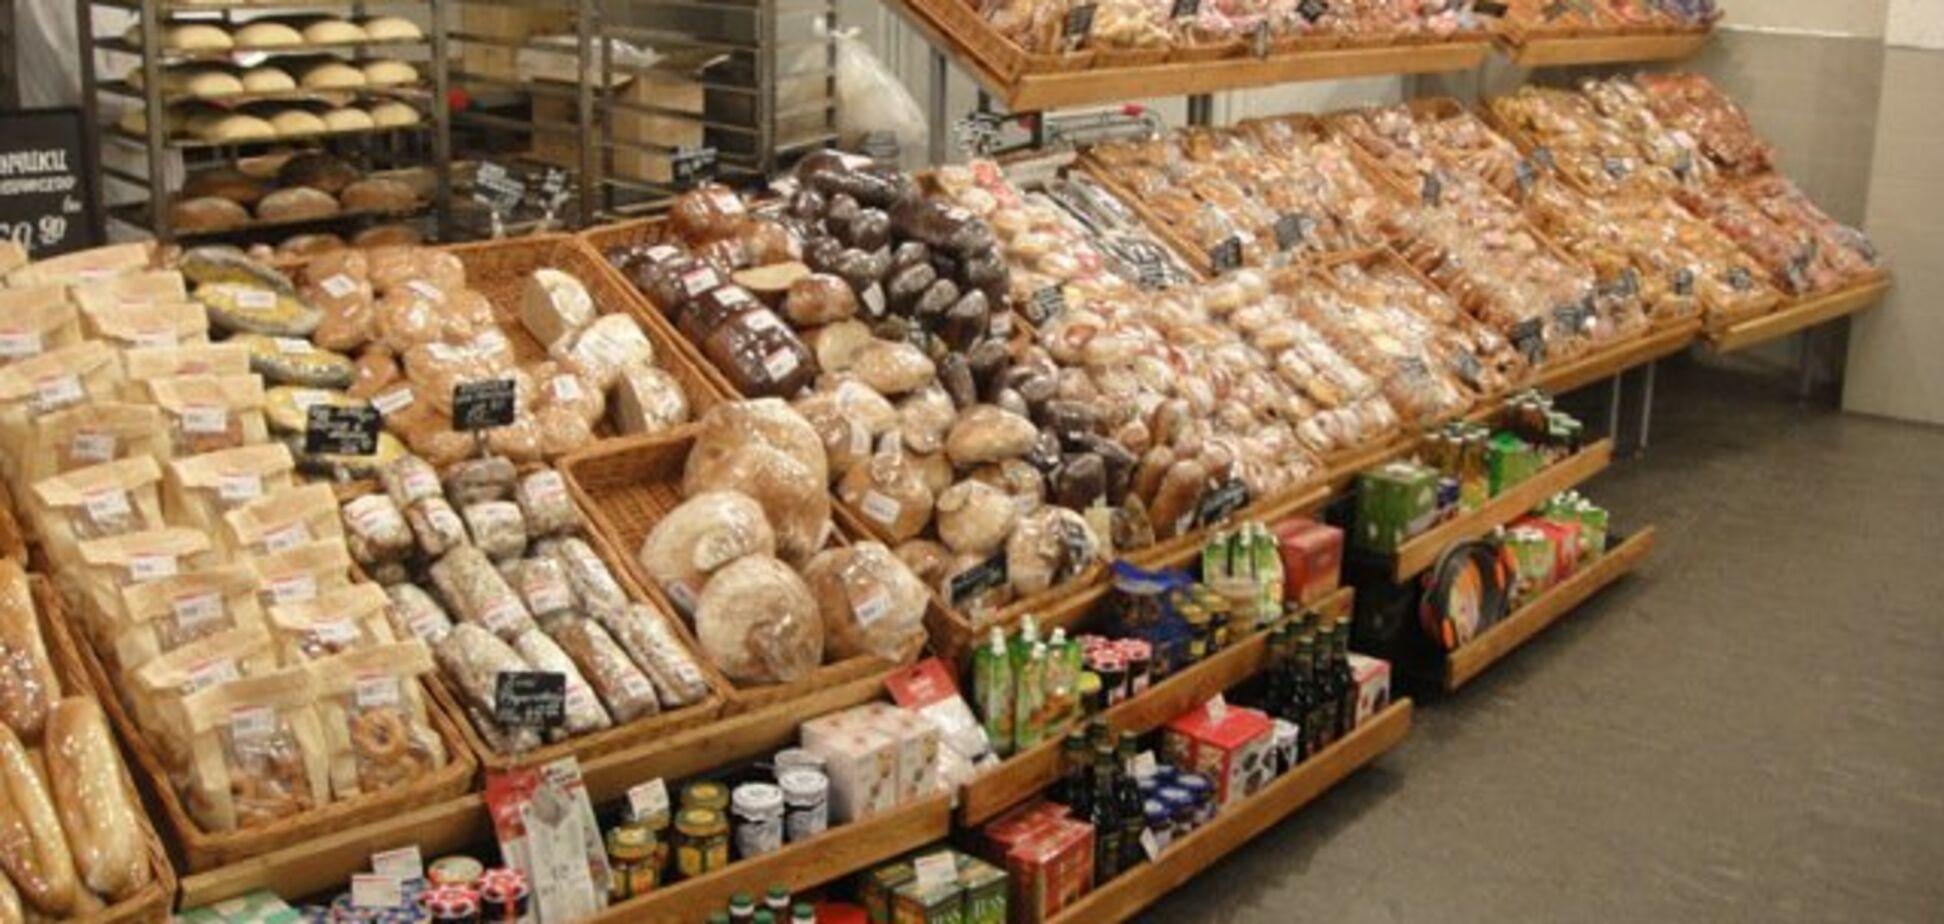 'Додаткова порція білка': в мережі показали черв'яків у випічці київського супермаркету